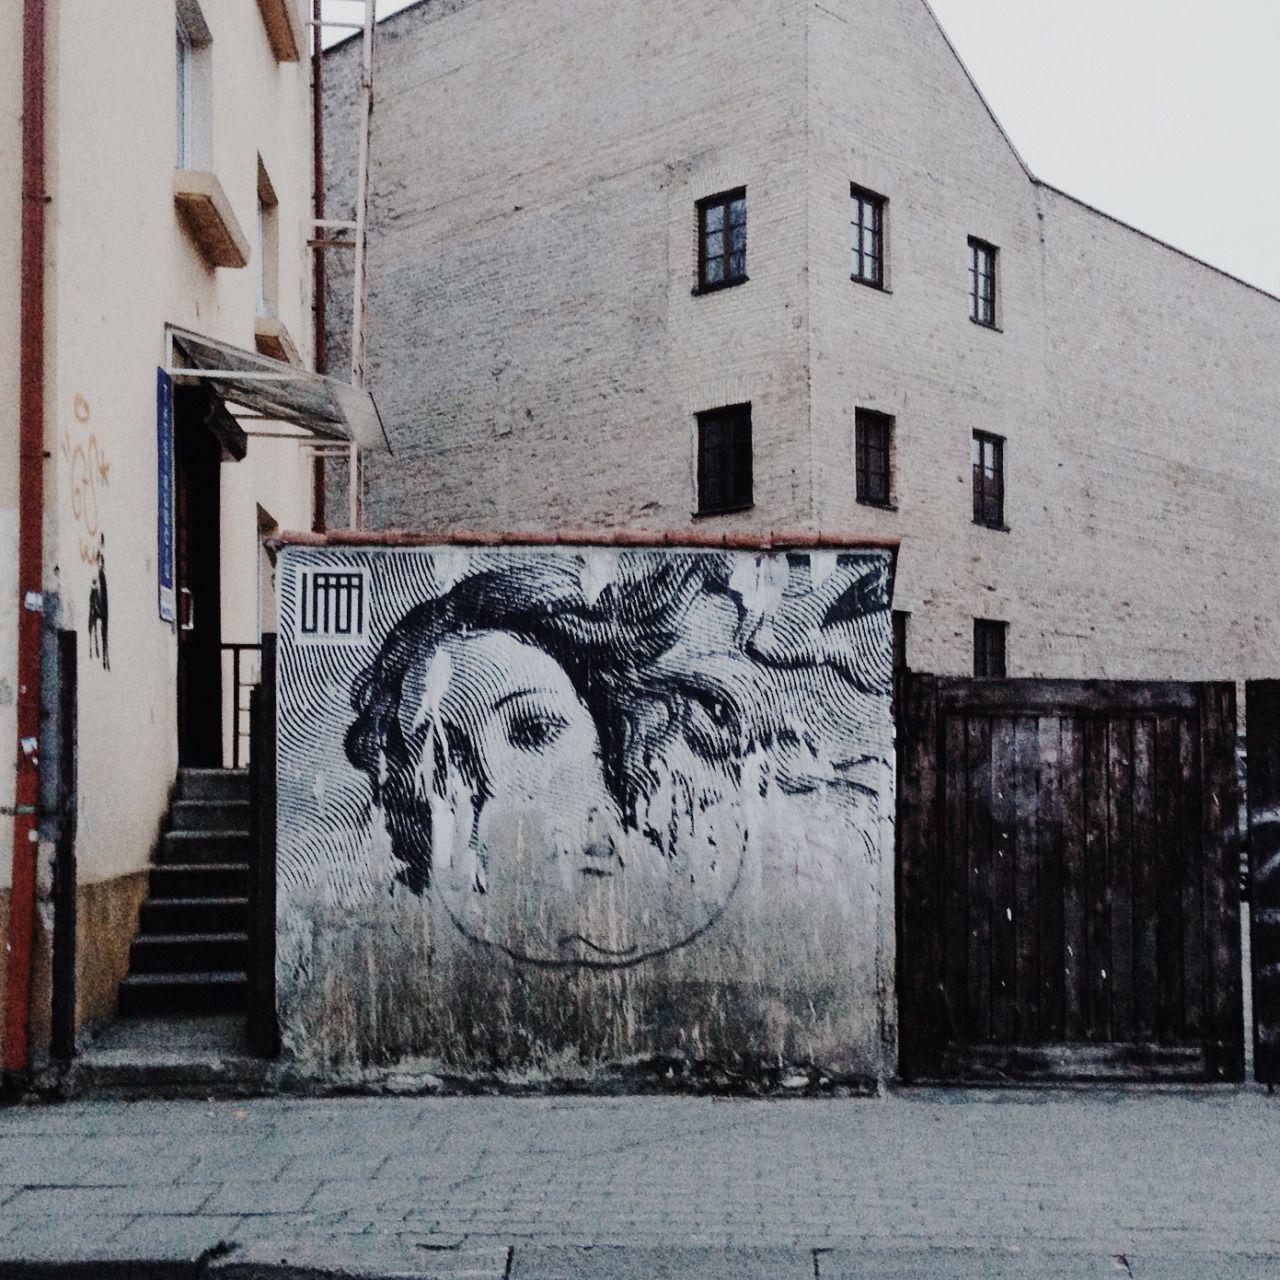 Pin by bonnie t on art pinterest street art street and graffiti